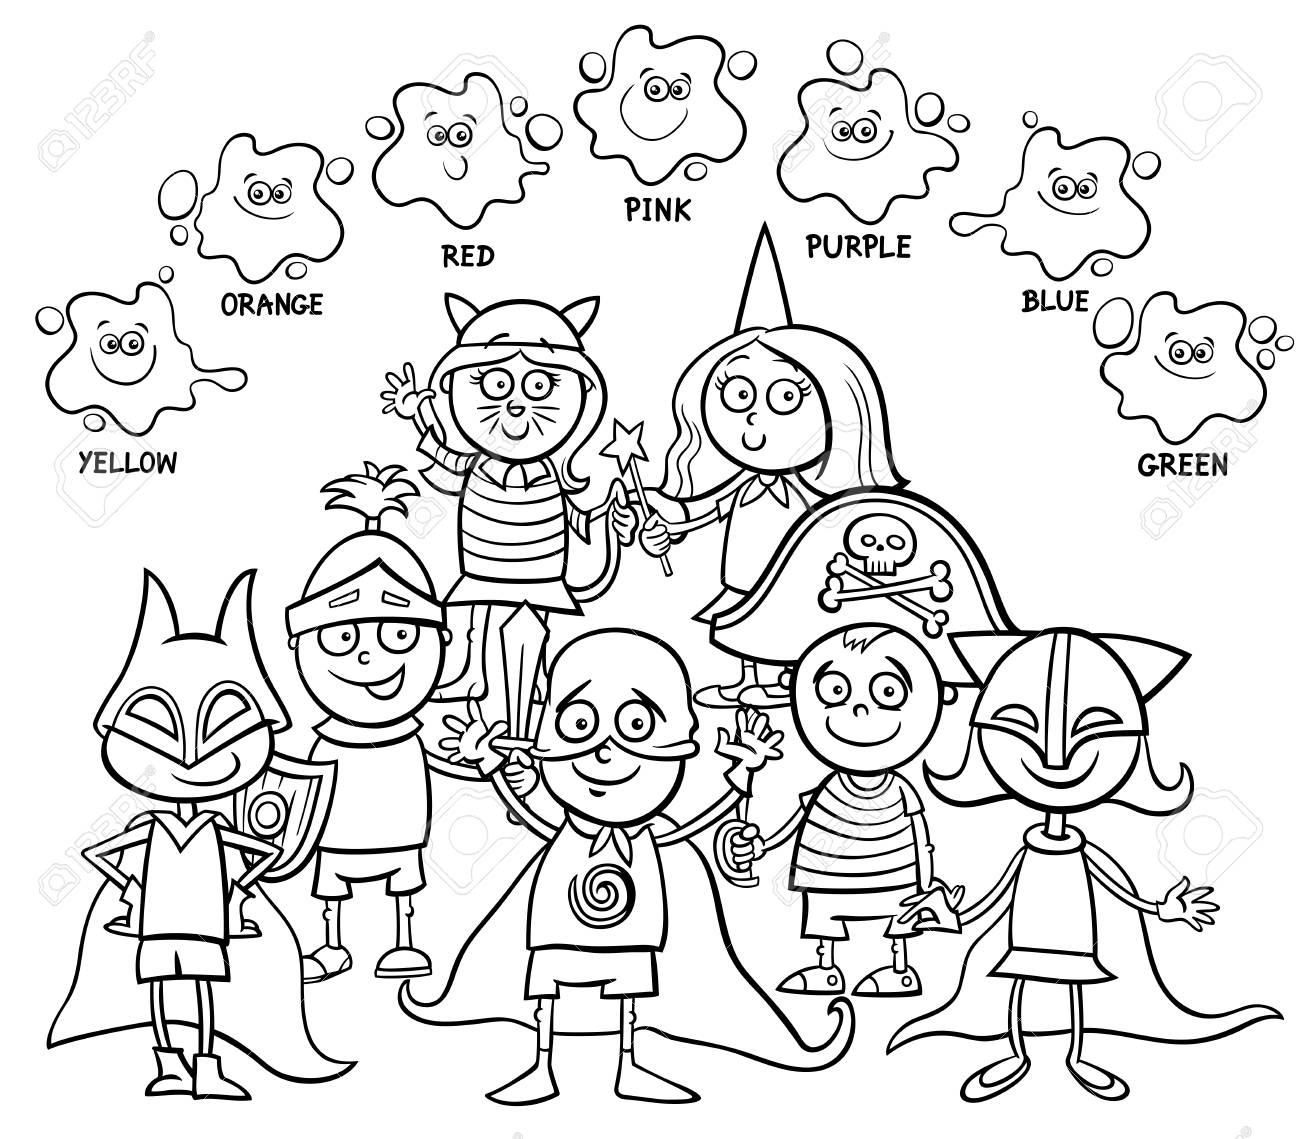 Vettoriale Illustrazione In Bianco E Nero Del Fumetto Di Attività